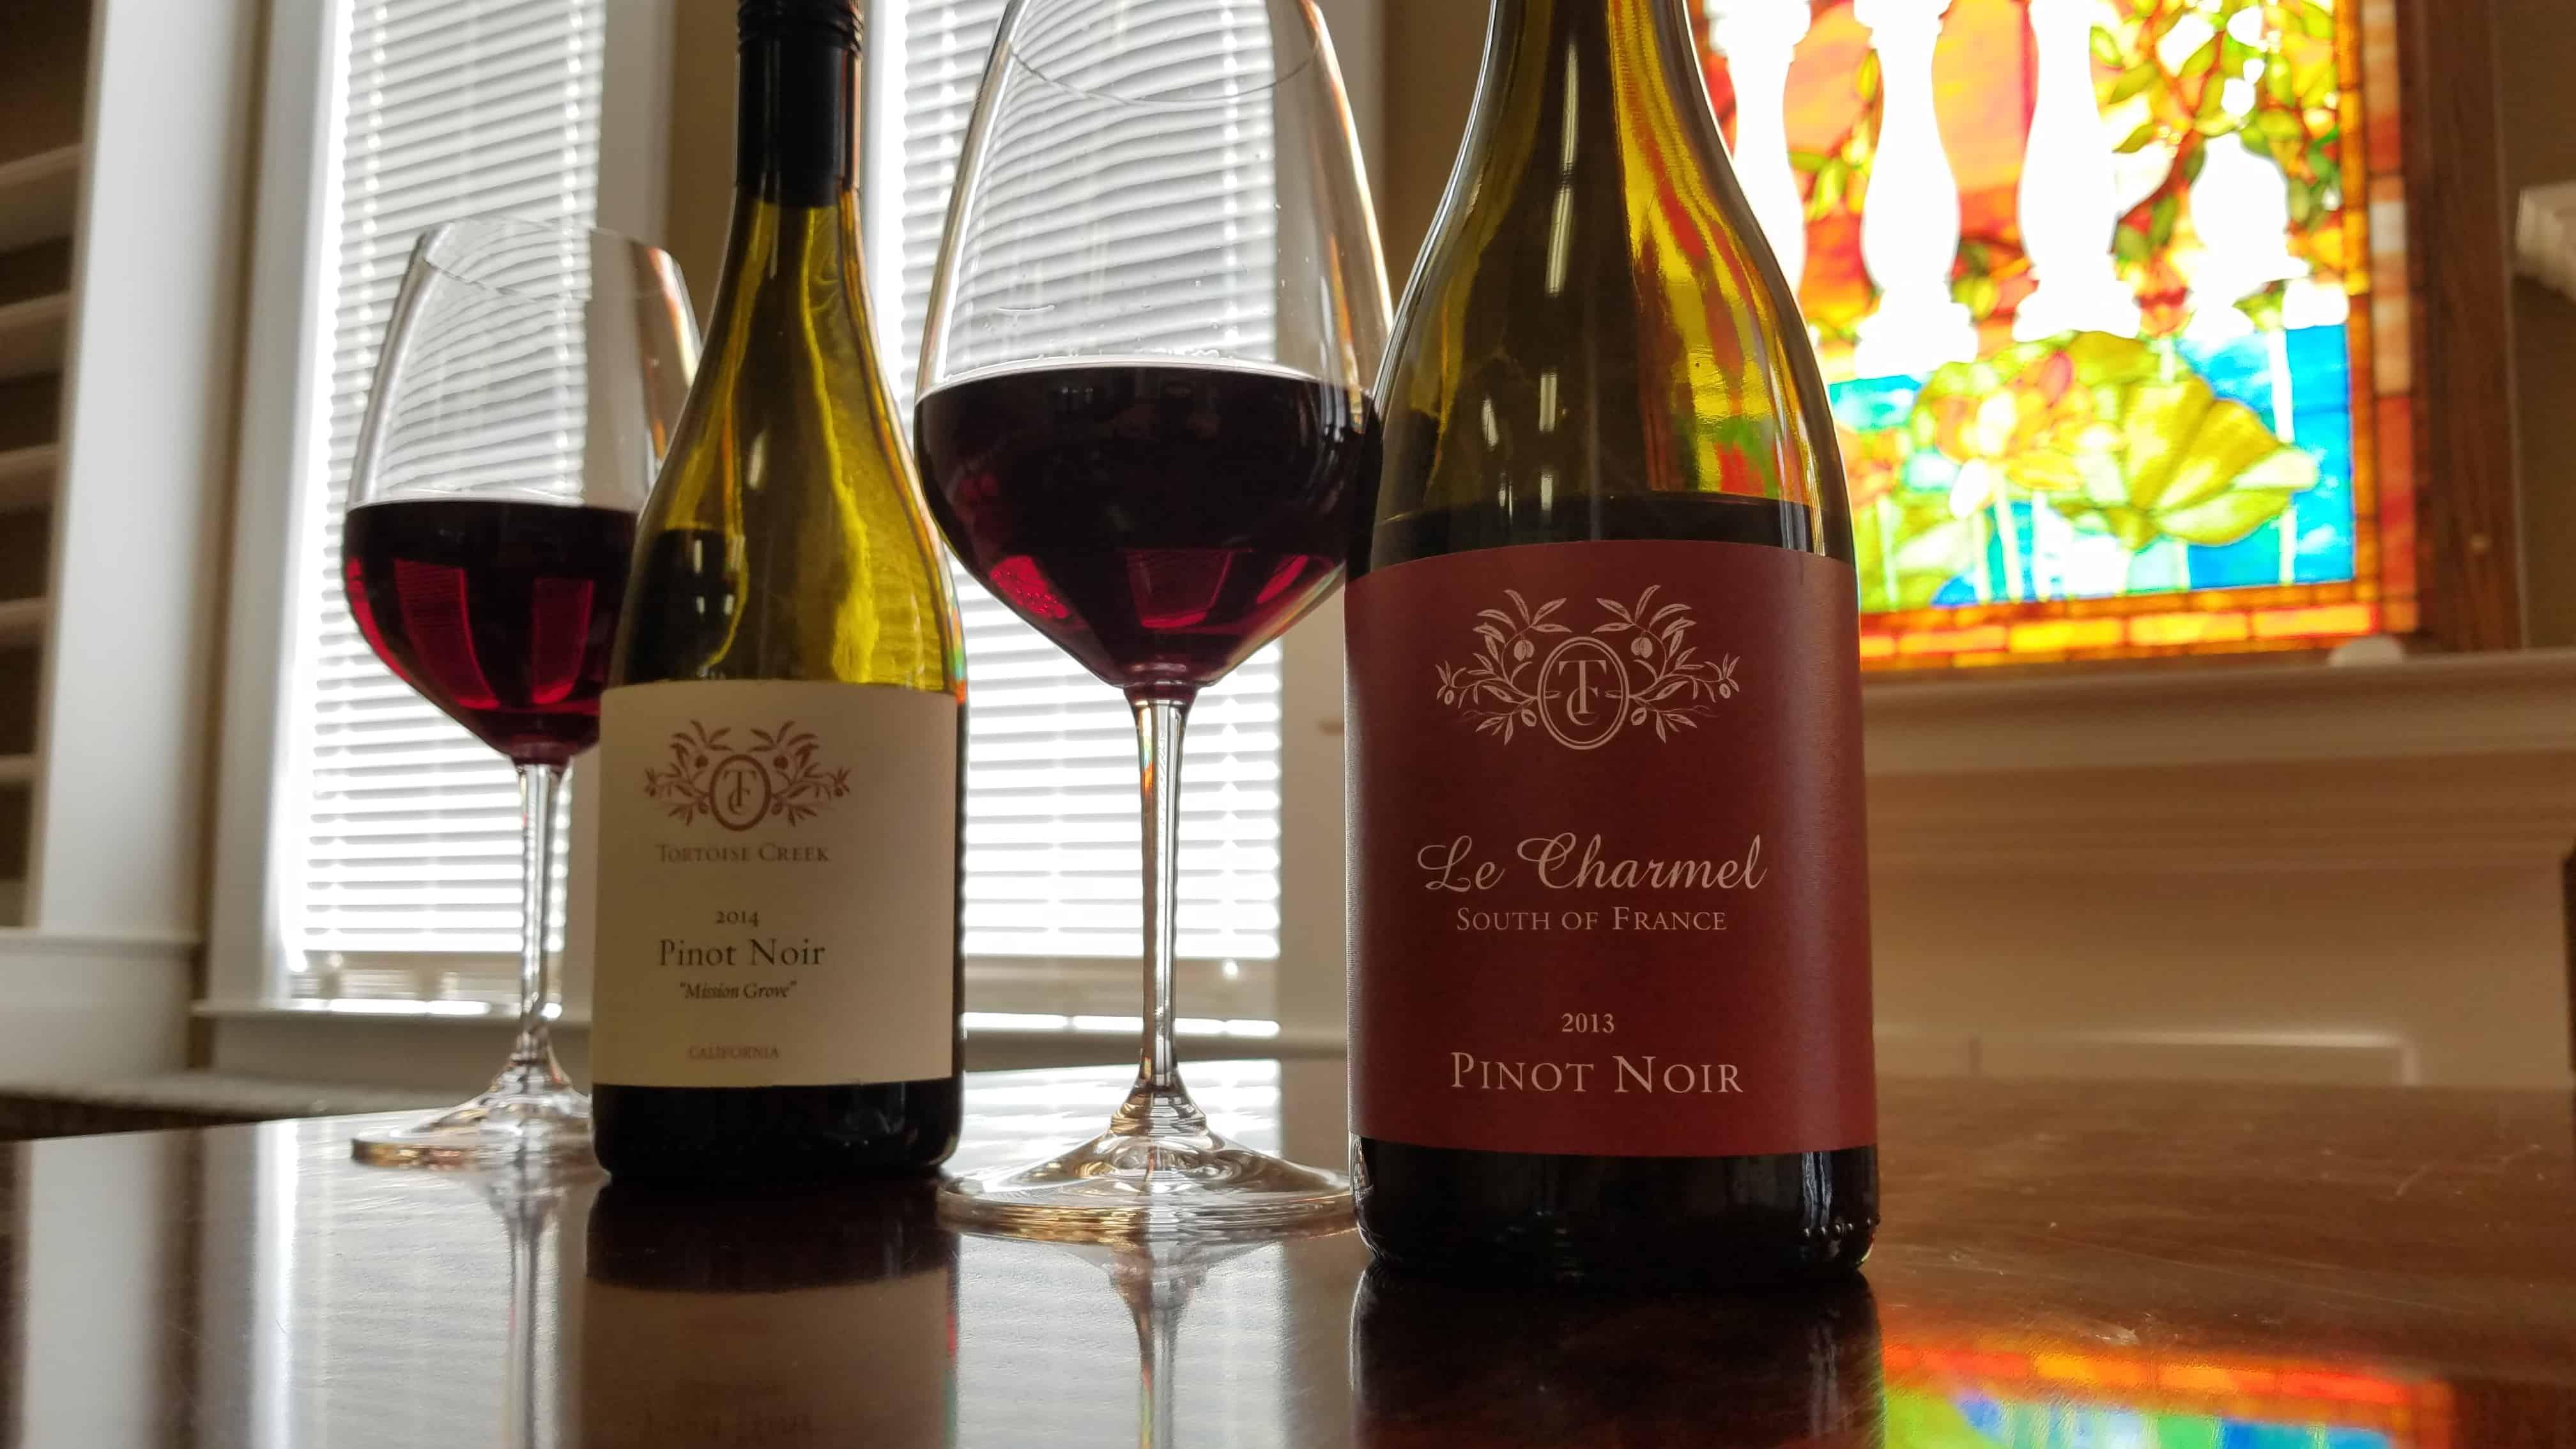 Сорт винограда пино-нуар: новый свет пино-нуар, бургундия шампанское